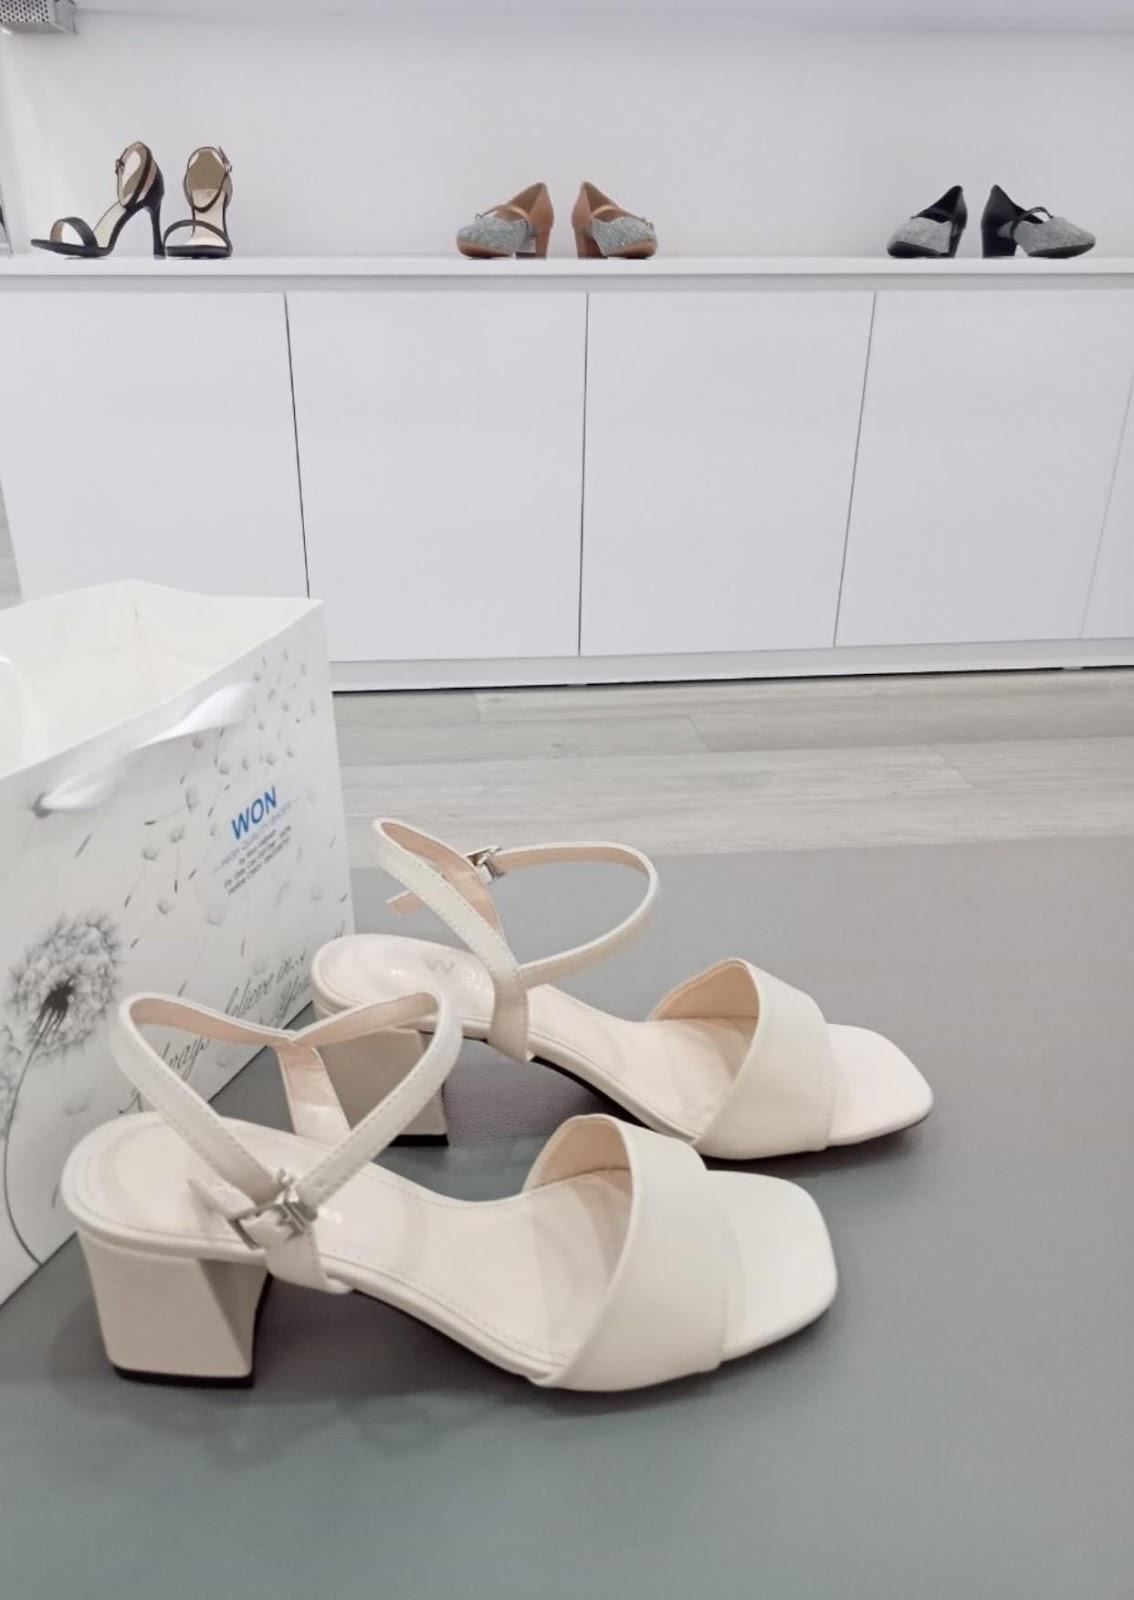 Có thể là hình ảnh về xăng đan, giày cao gót và trong nhà